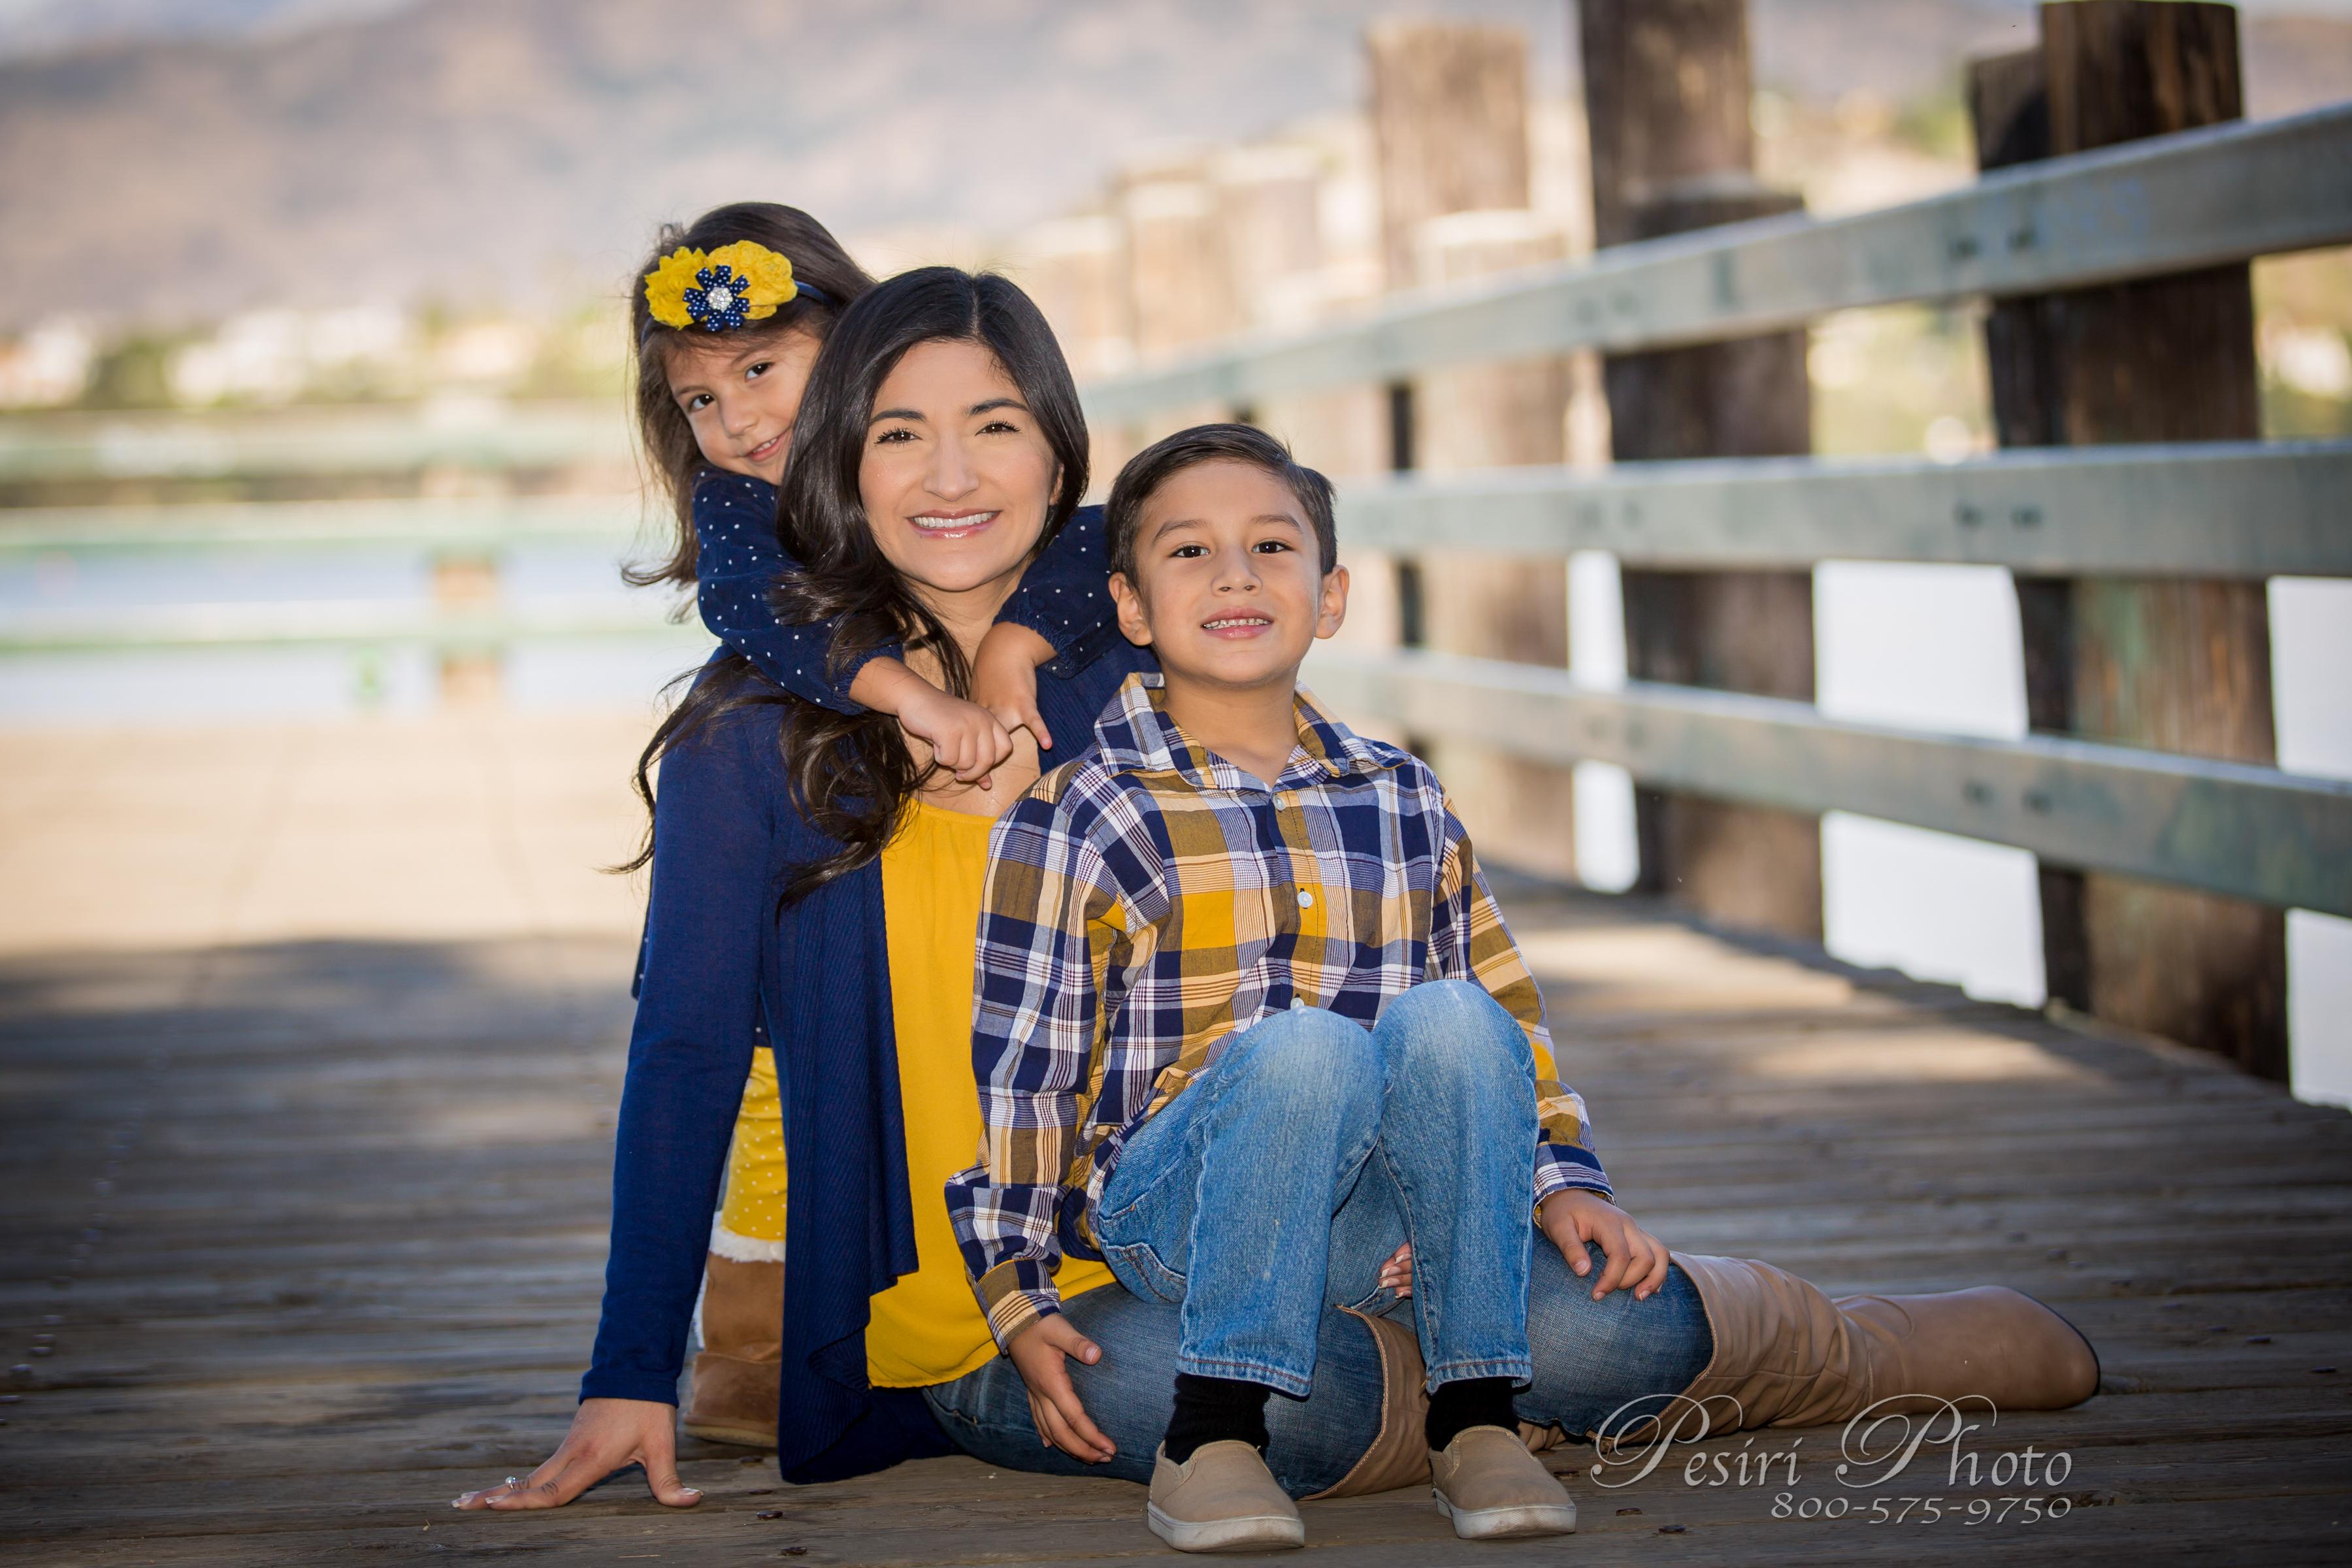 Family Photos By Pesiri Photo G-4